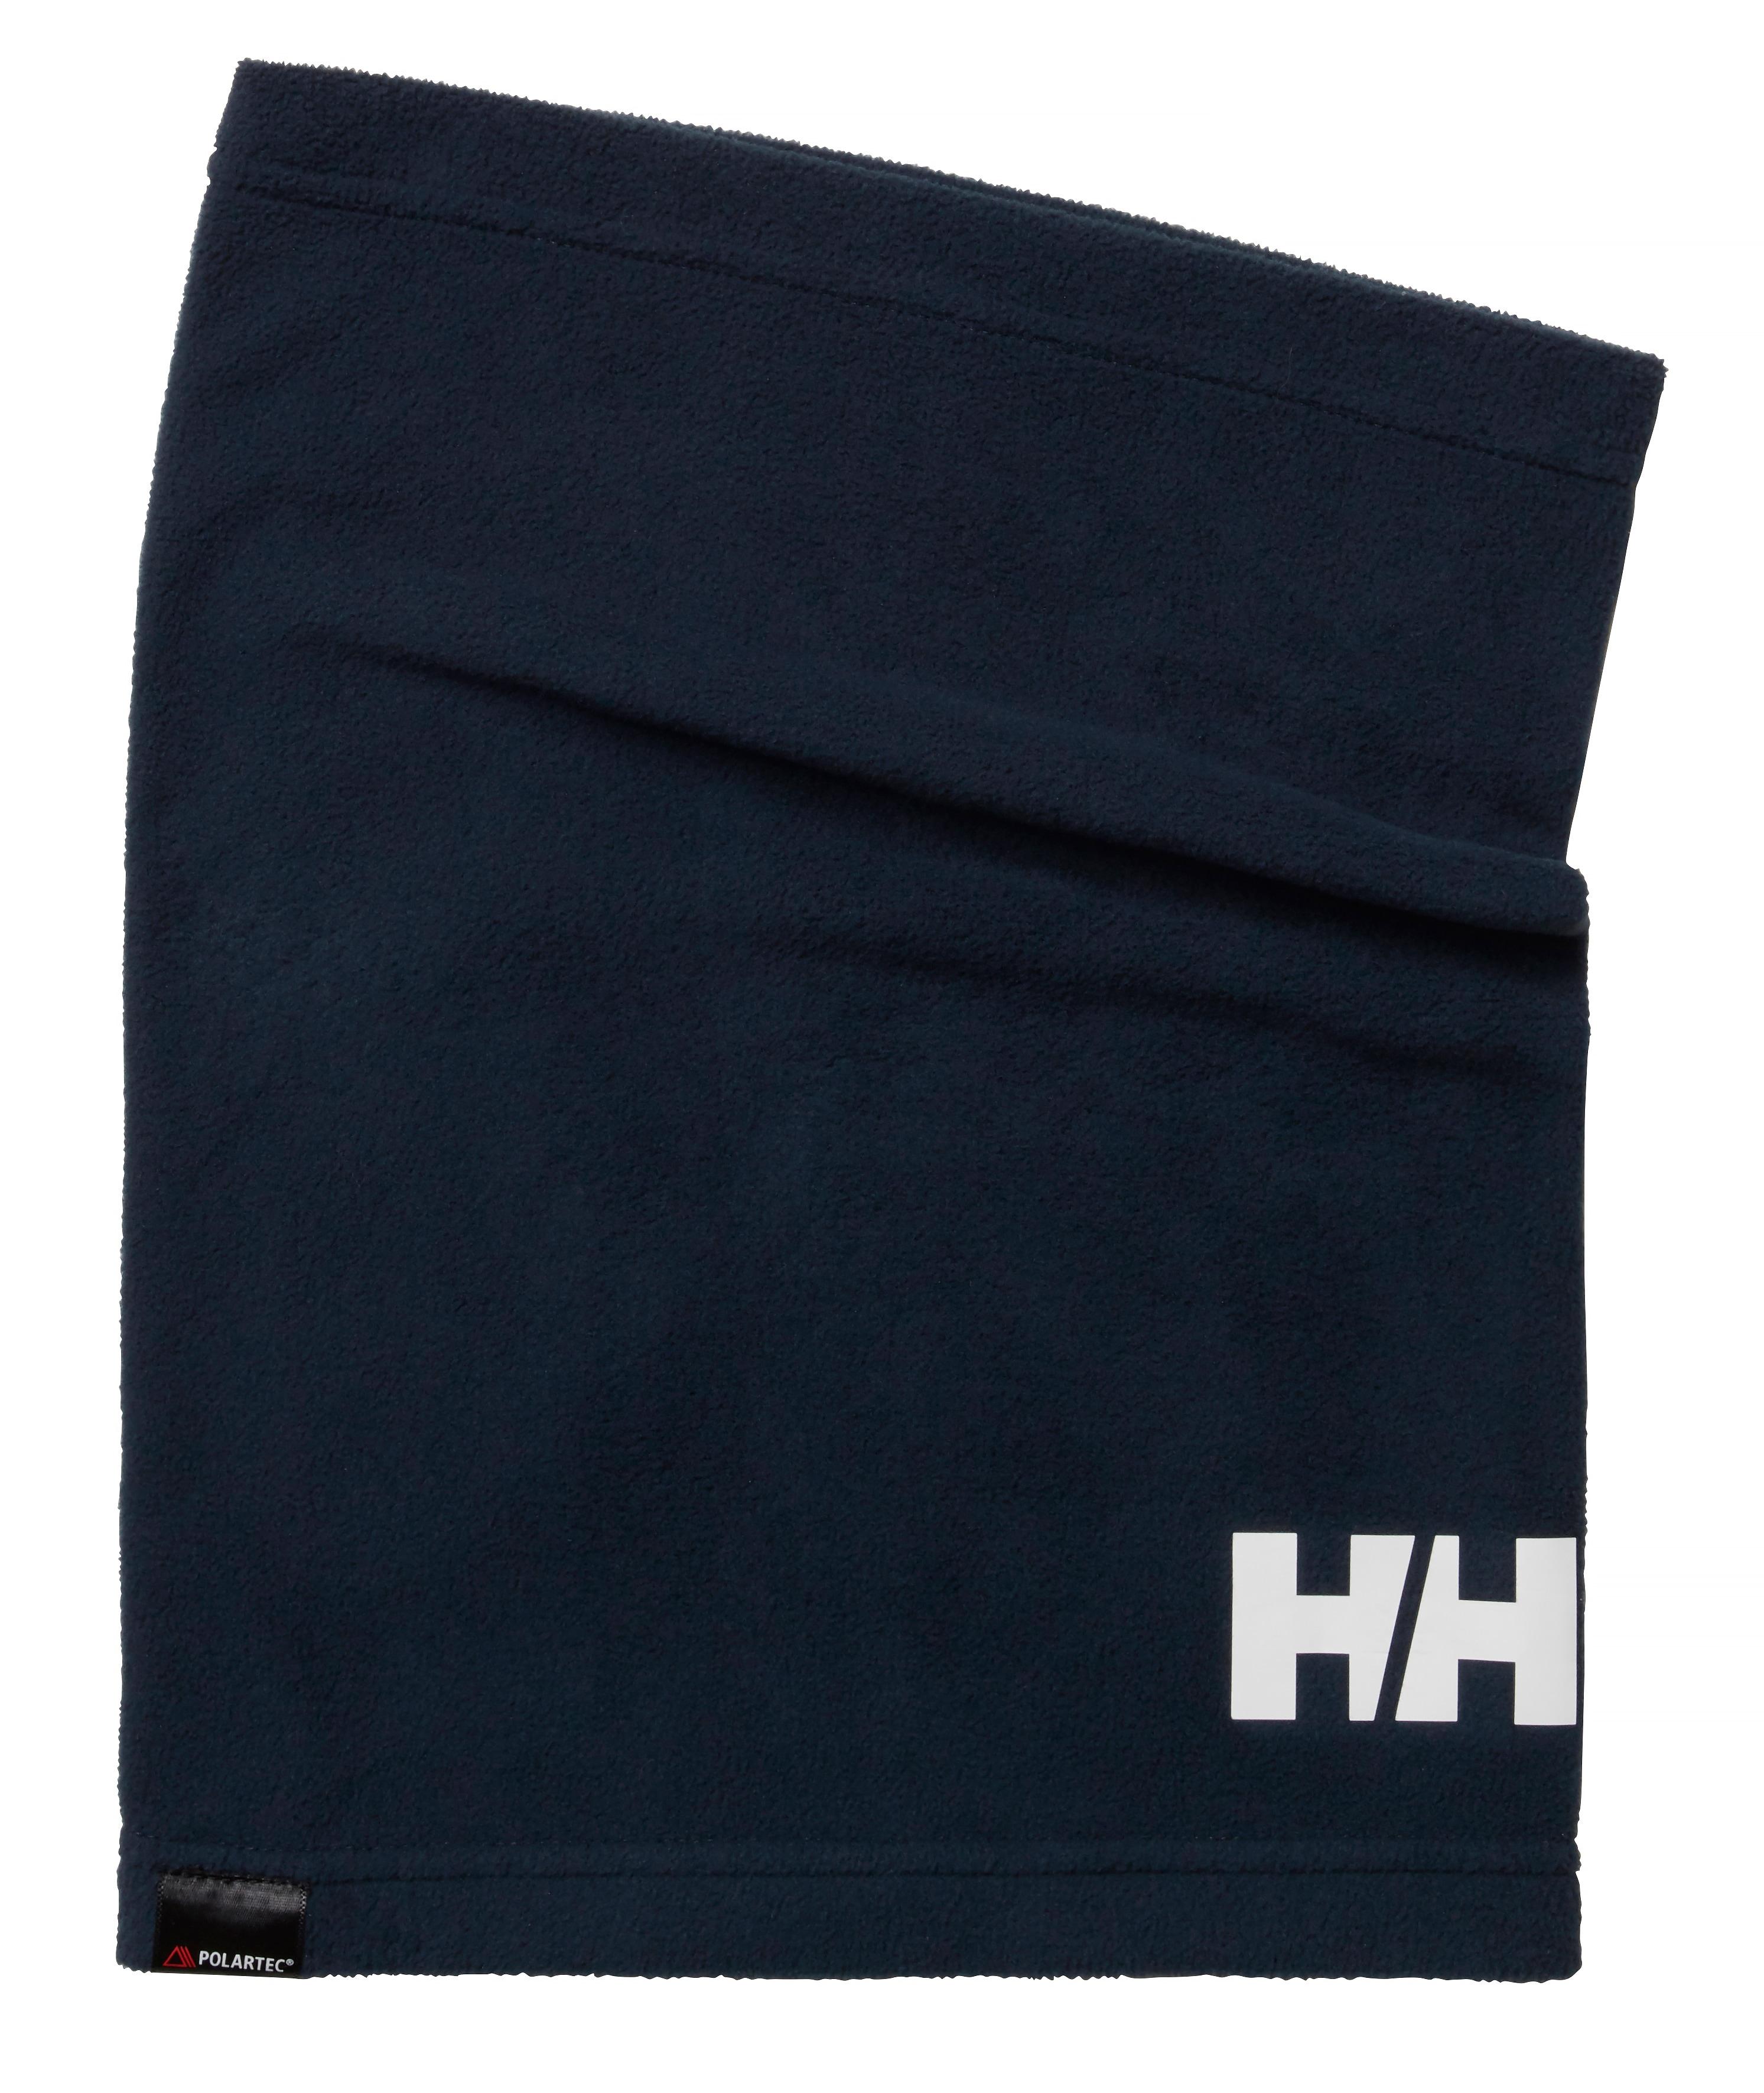 Helly Hansen Polartec Neck